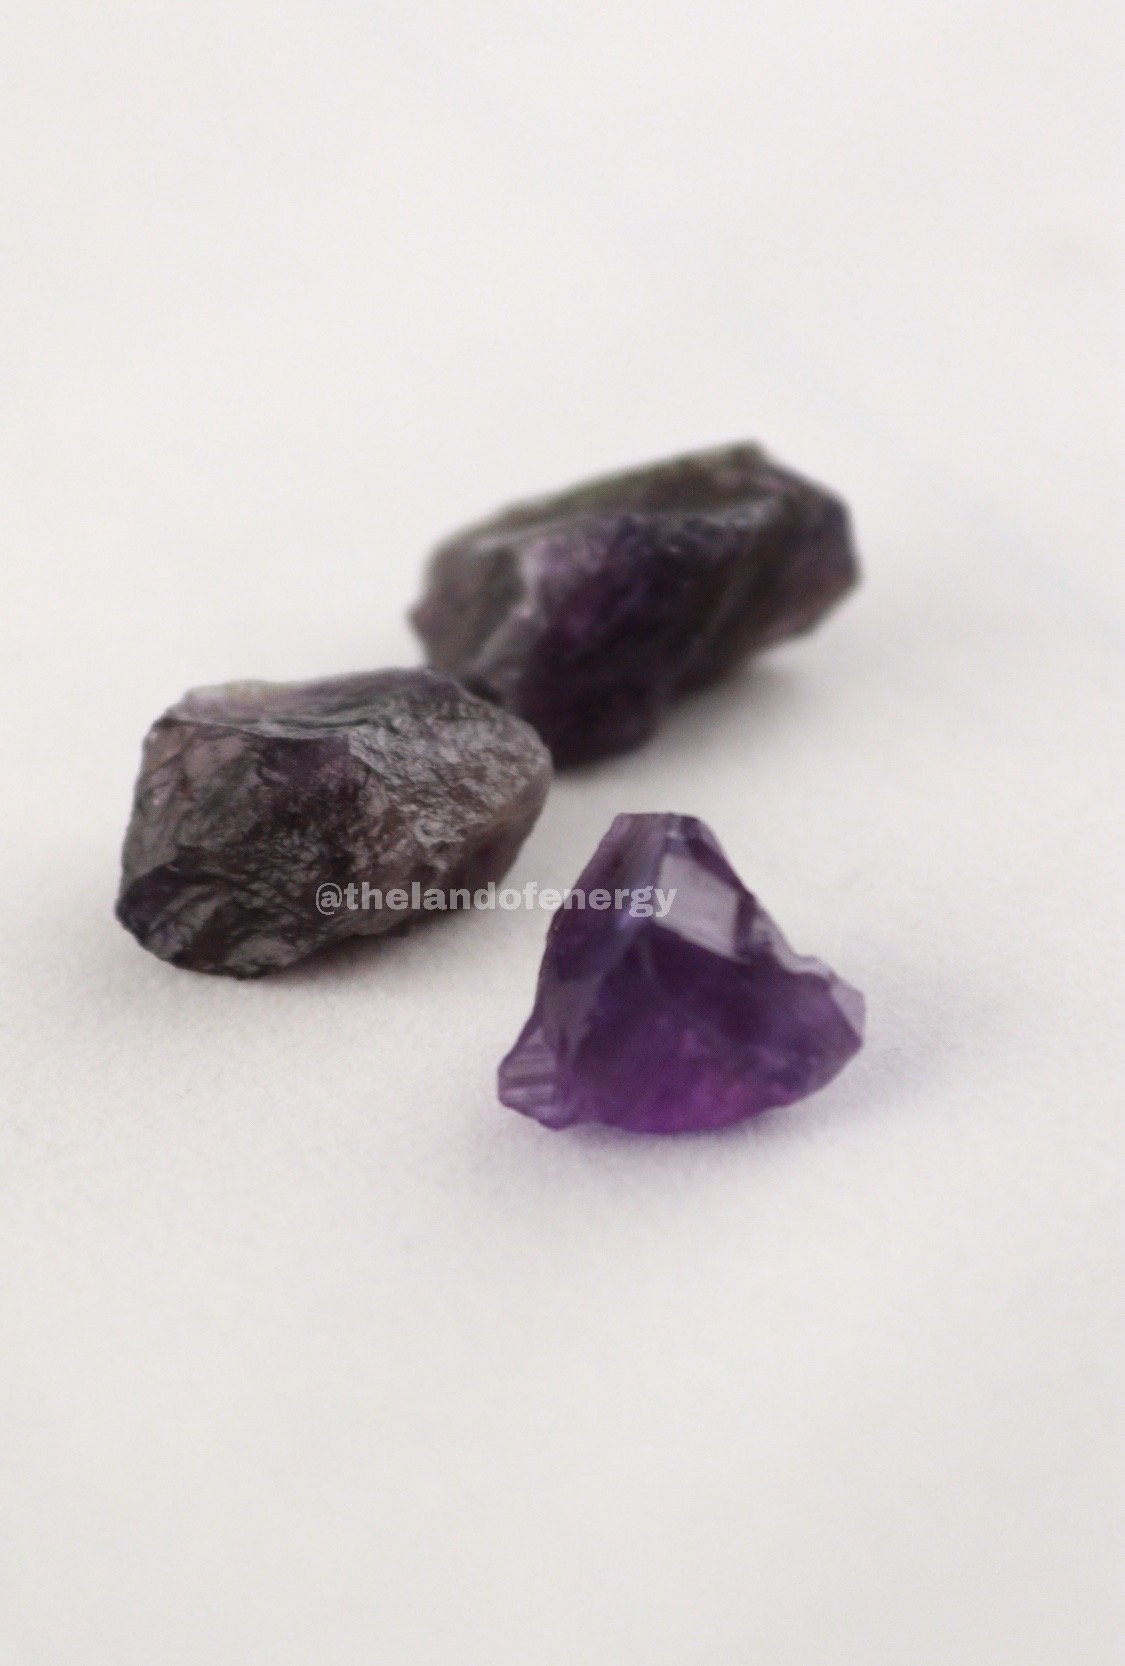 amethyst crystals stones